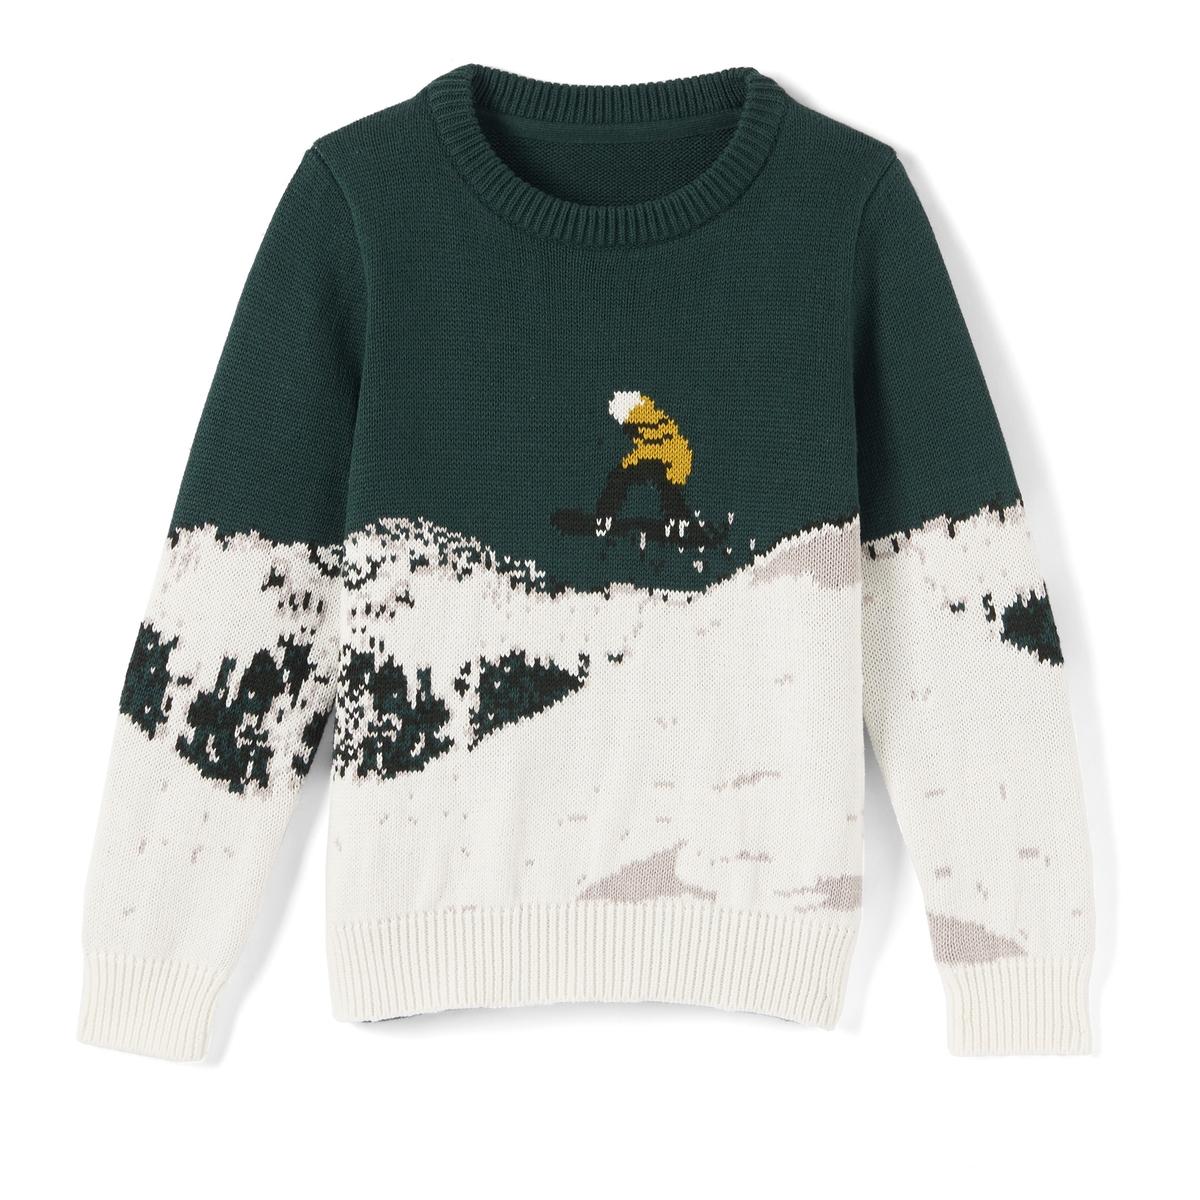 Пуловер с новогодним рисунком, 3-12 лет